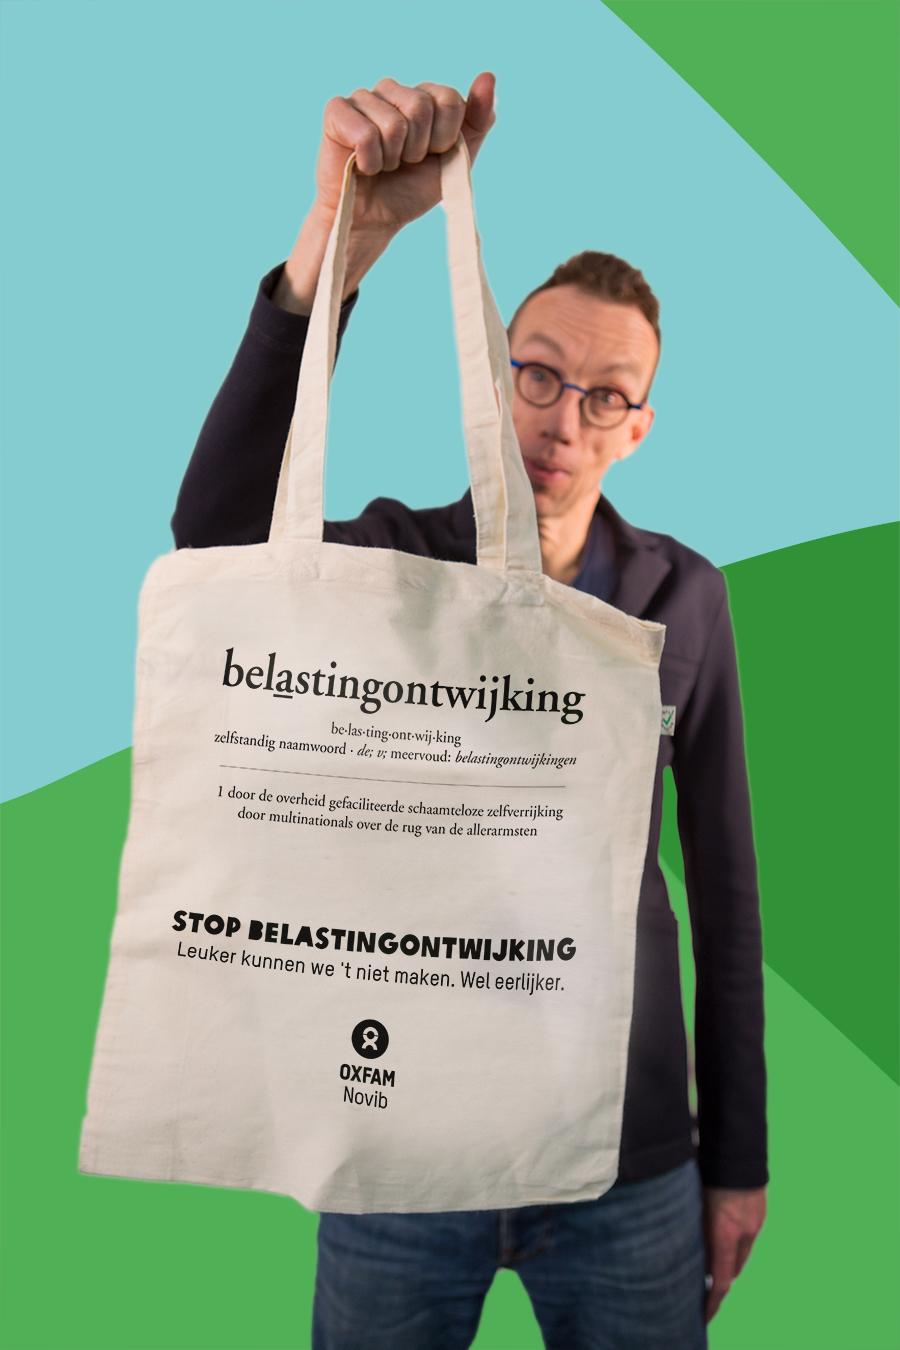 Gratis linnen tasje Oxfam Novib met als thema belastingontwijking